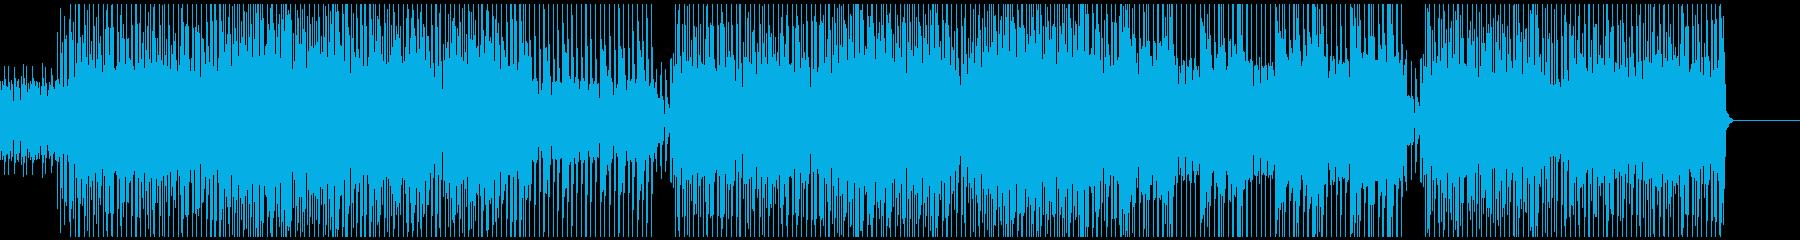 アラビア風、ピアノメインのテクノポップの再生済みの波形